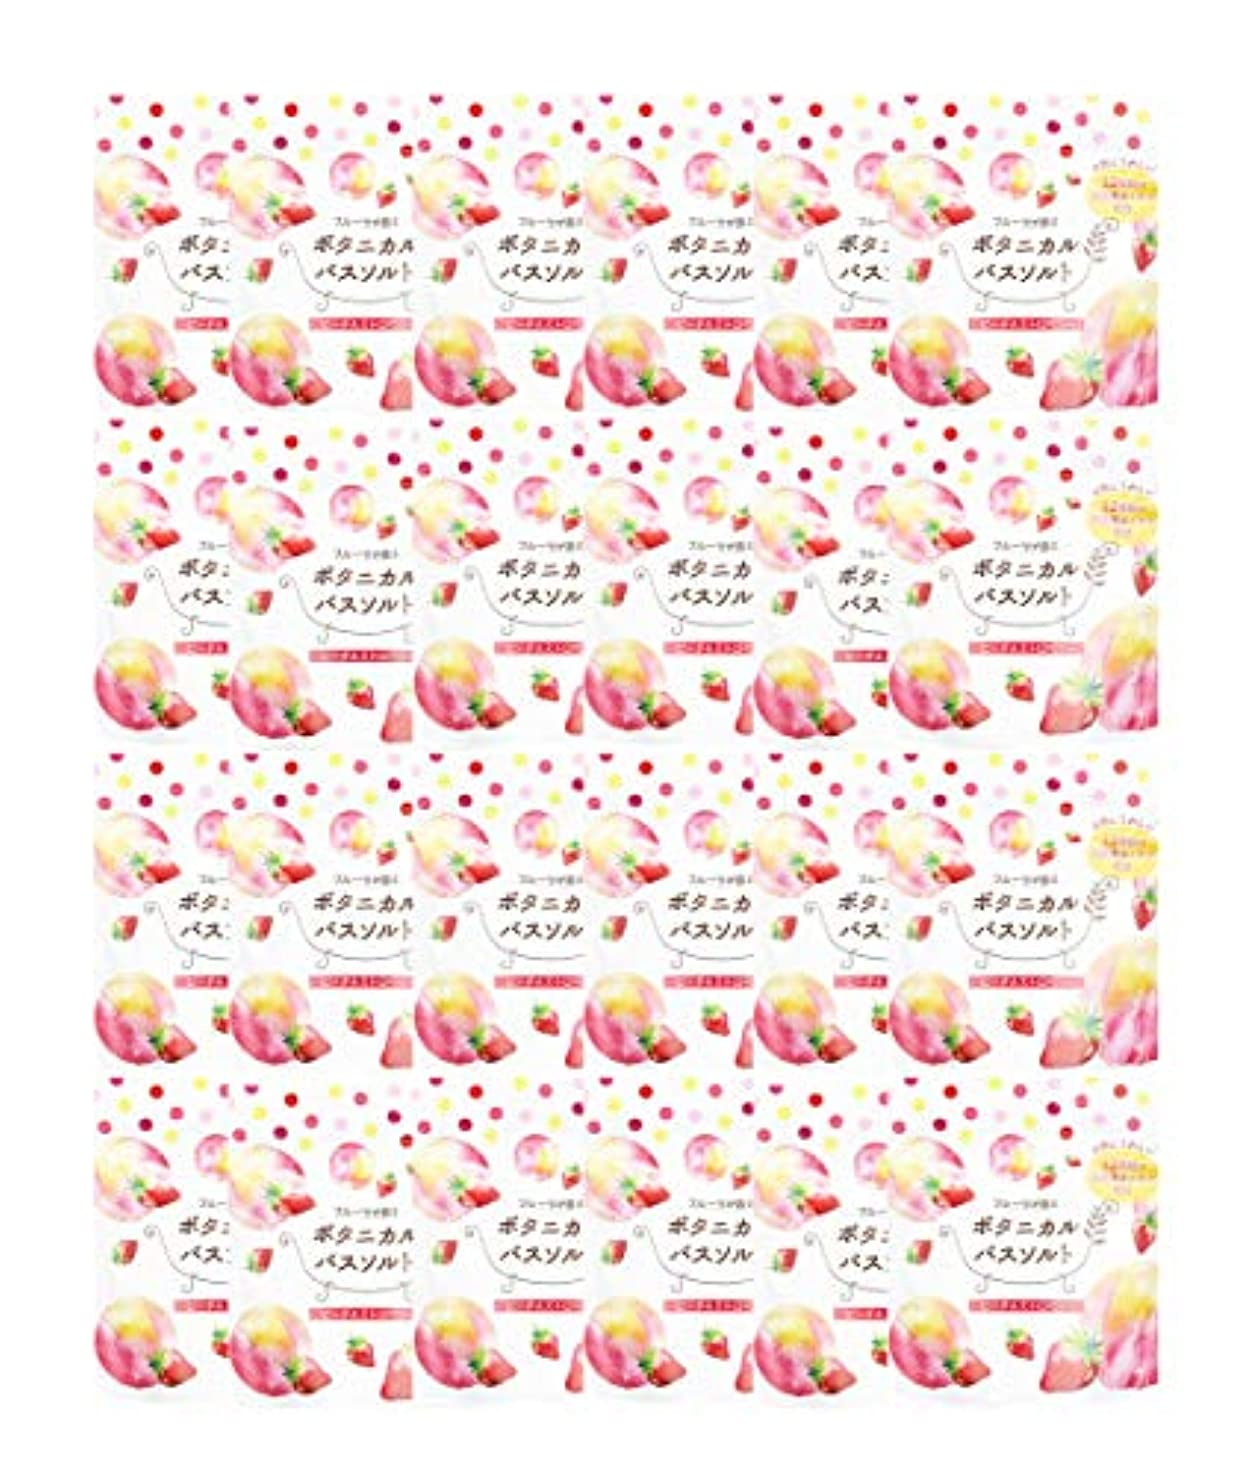 ピンチ酸化する可能性松田医薬品 フルーツが香るボタニカルバスソルト ピーチ&ストロベリー 30g 24個セット